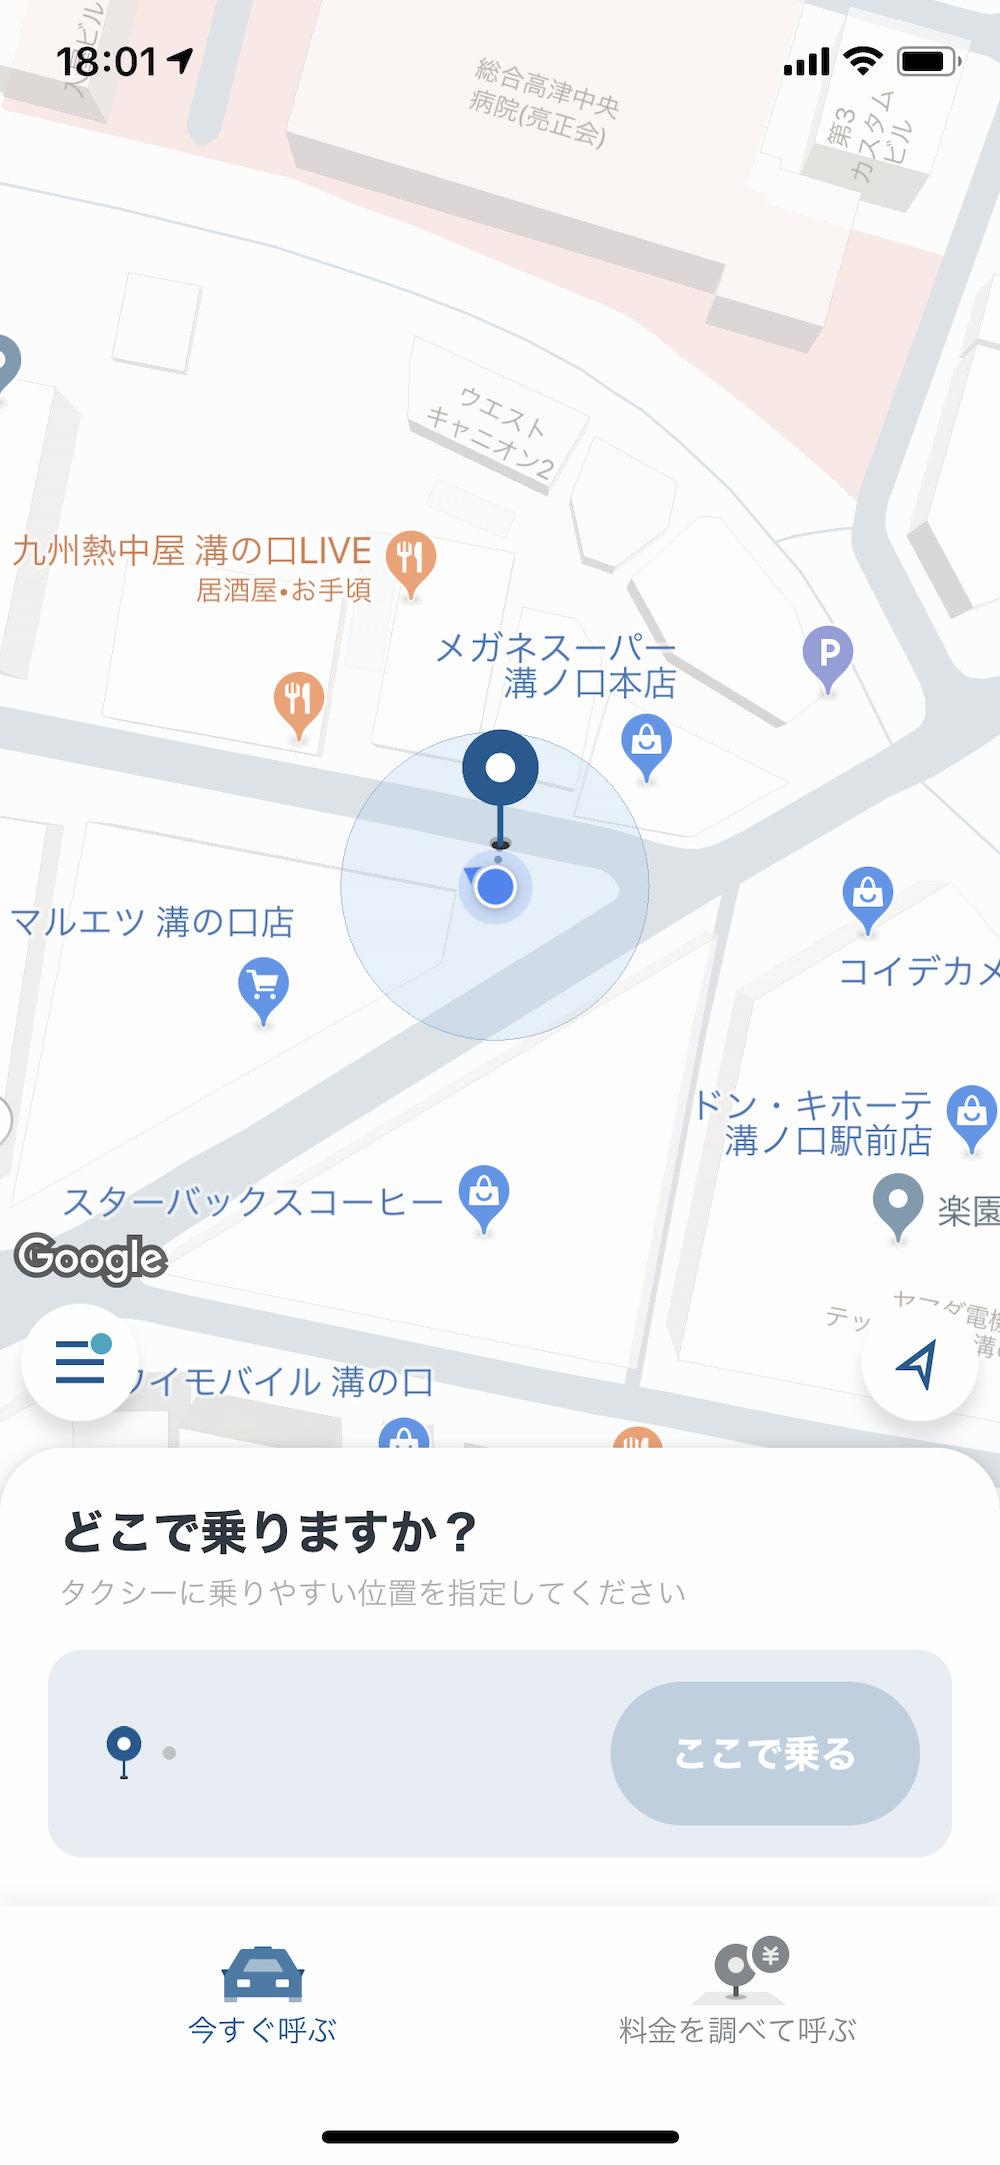 乗車場所を指定